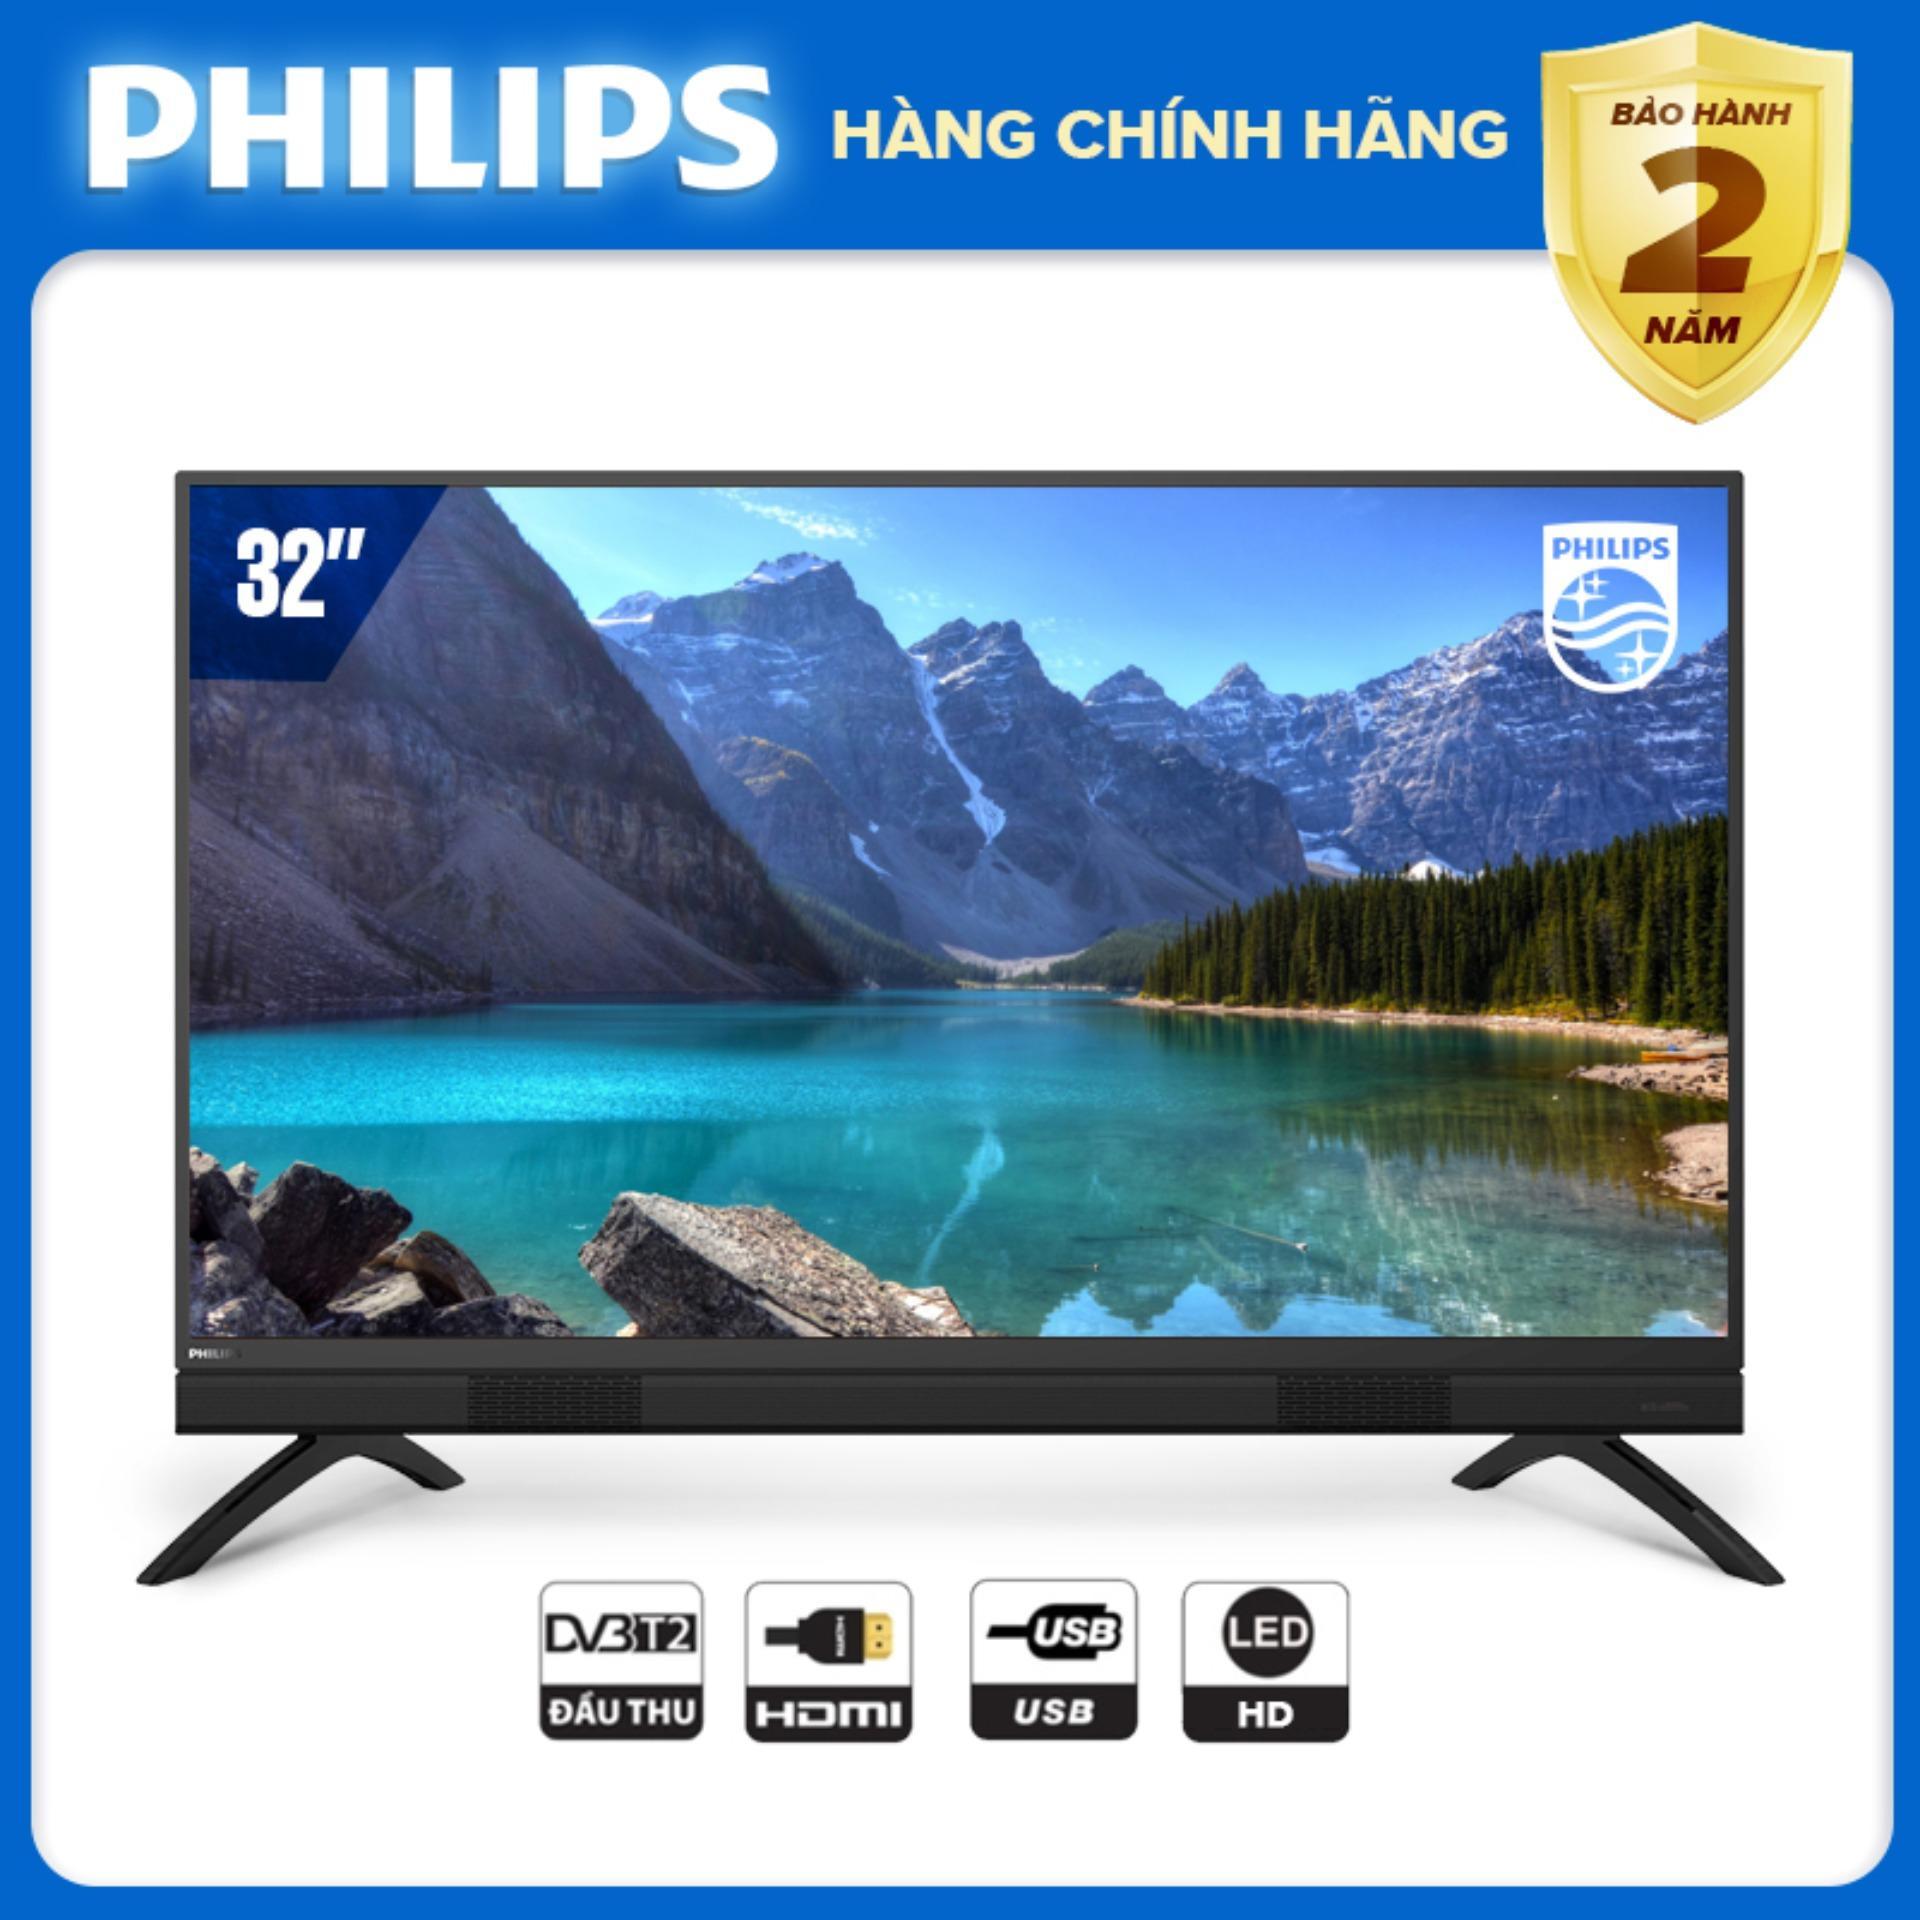 TIVI PHILIPS 32 INCH LED HD (Digital TV DVB-T2 hàng Thái Lan) tivi giá rẻ - Tặng USB xinh xắn - Bảo hành 2 năm tại nhà - Hàng chính hãng giấy tờ đầy đủ - 32PHT5583/74 Tivi Philips